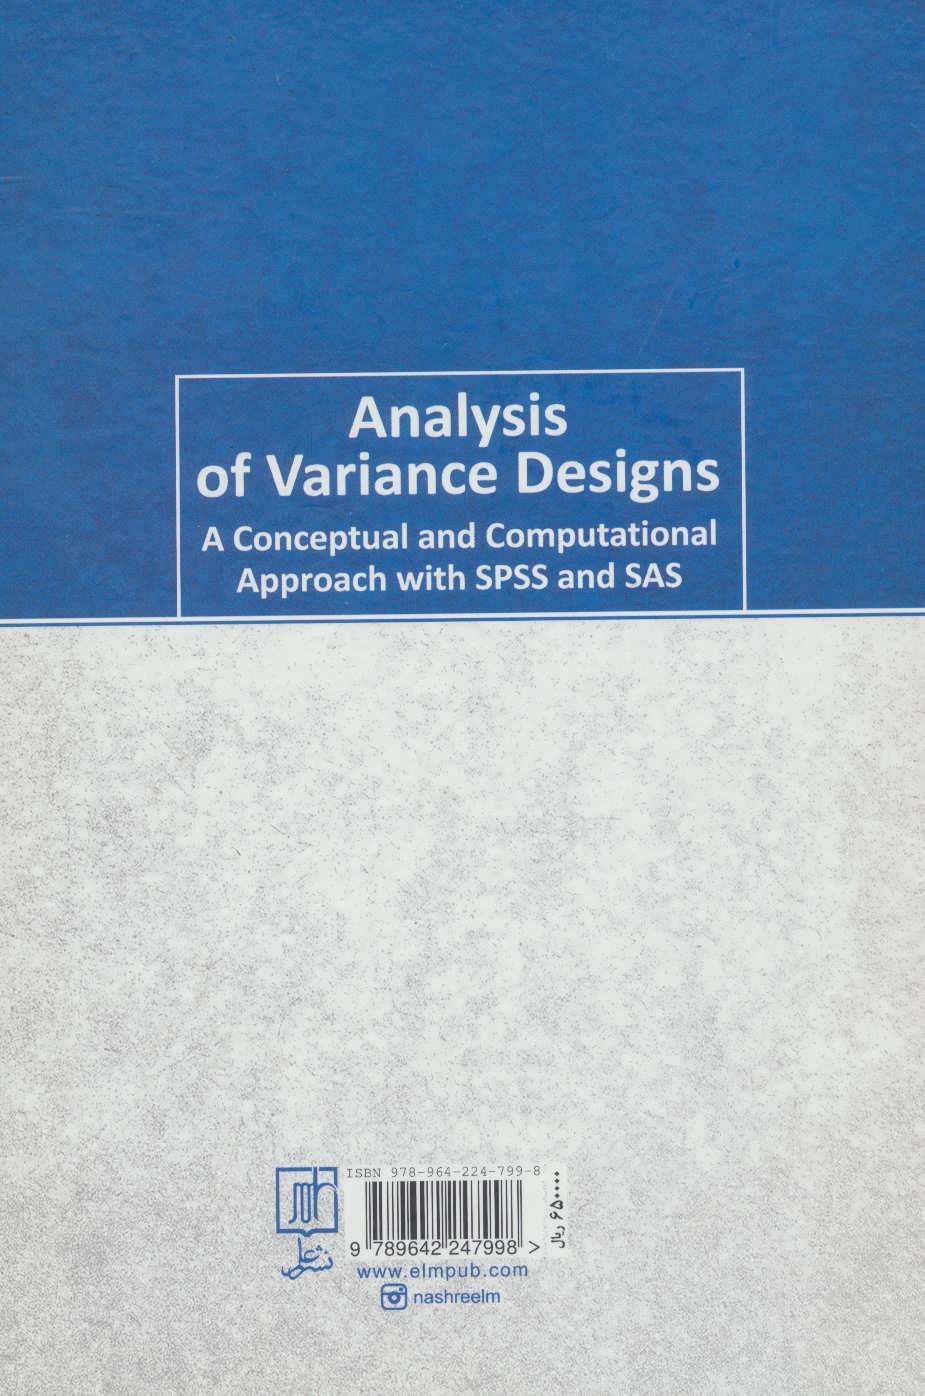 طرح های تحلیل واریانس رویکرد مفهومی و محاسباتی همراه با SPSS و SAS